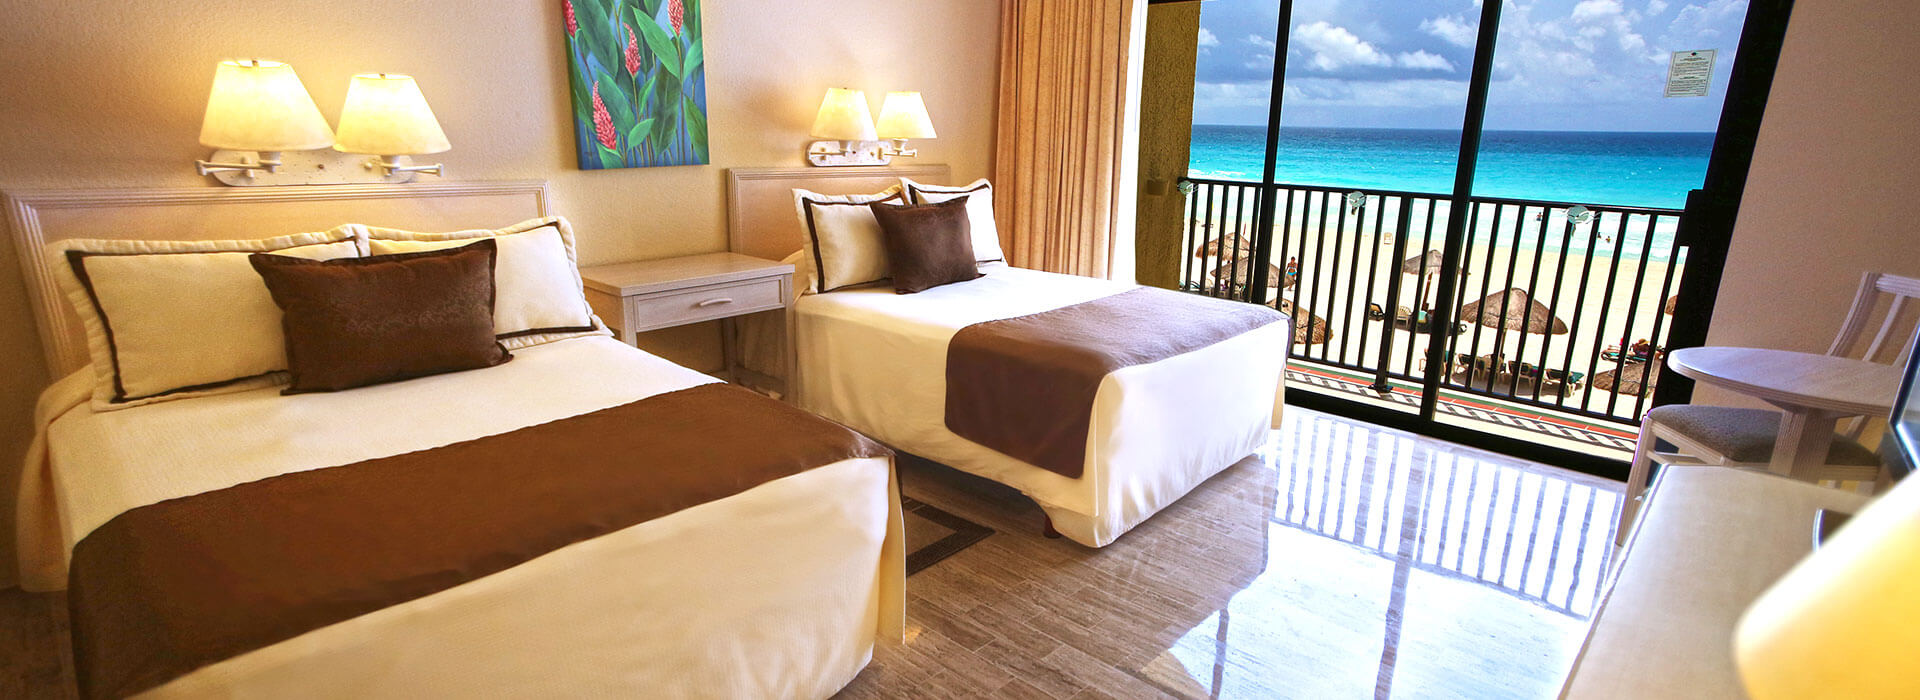 habitación en Cancún con dos camas matrimoniales